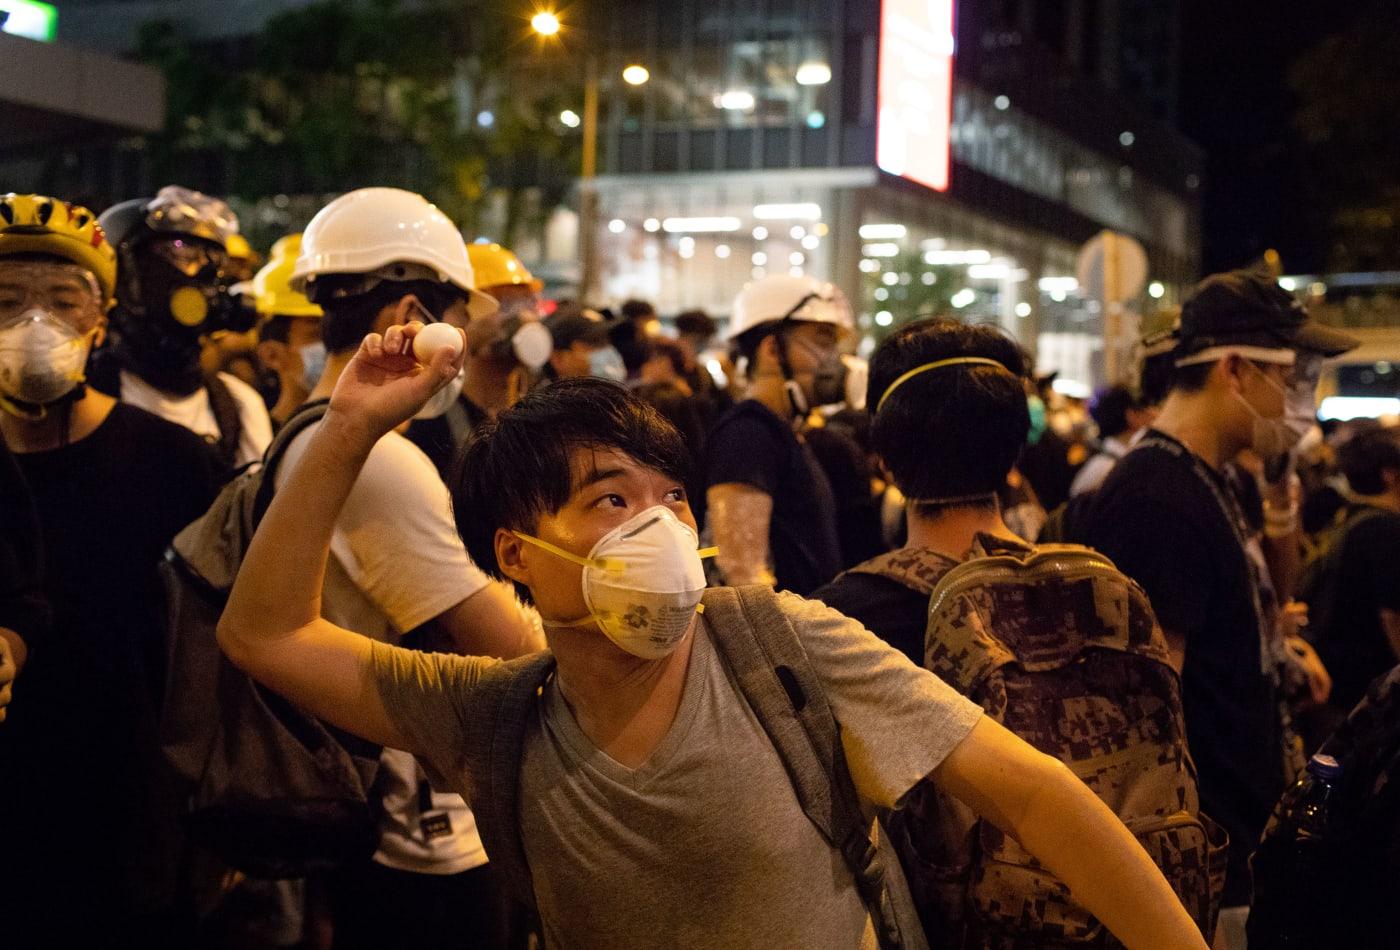 Gobierno chino congeló 9$ millones dirigidos a los manifestantes de Hong Kong